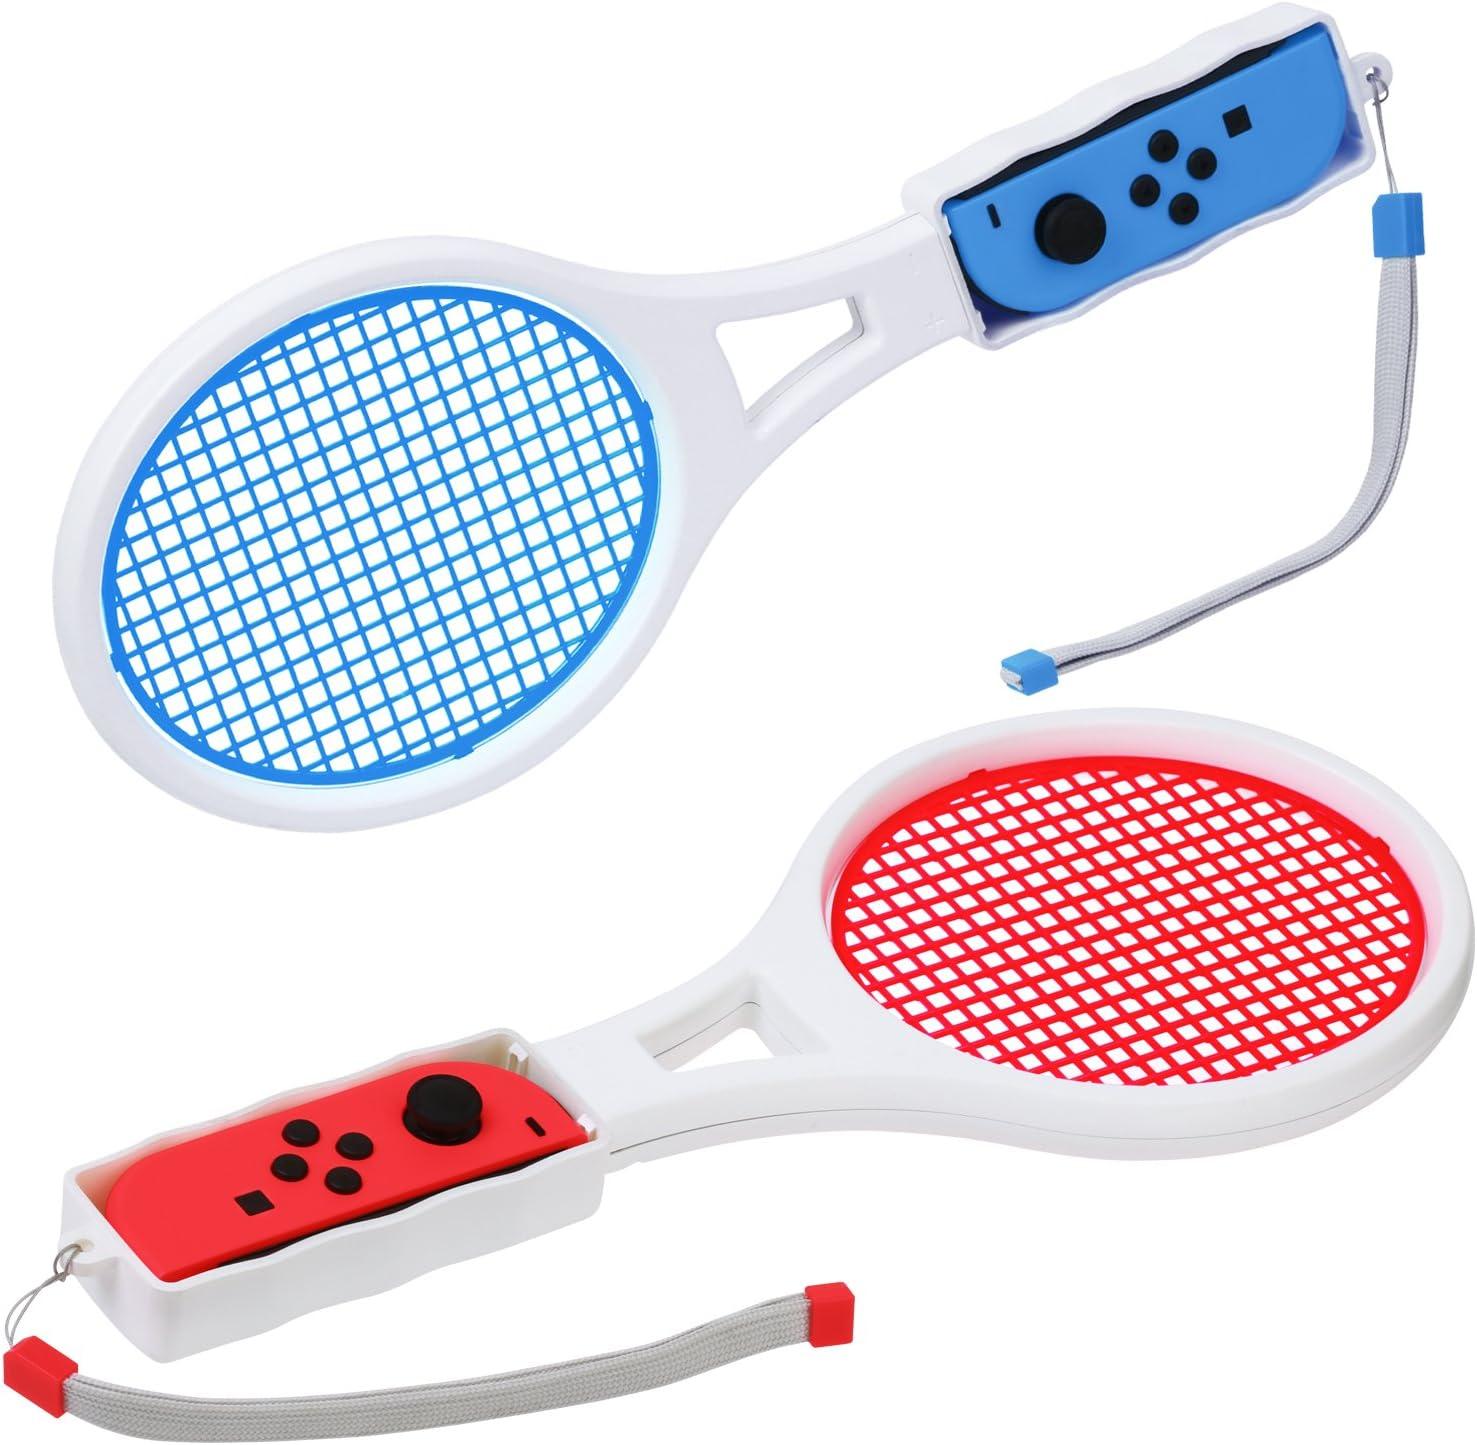 JOOSHY - Raqueta de Tenis para Nintendo Switch Joy-con Controllers ...